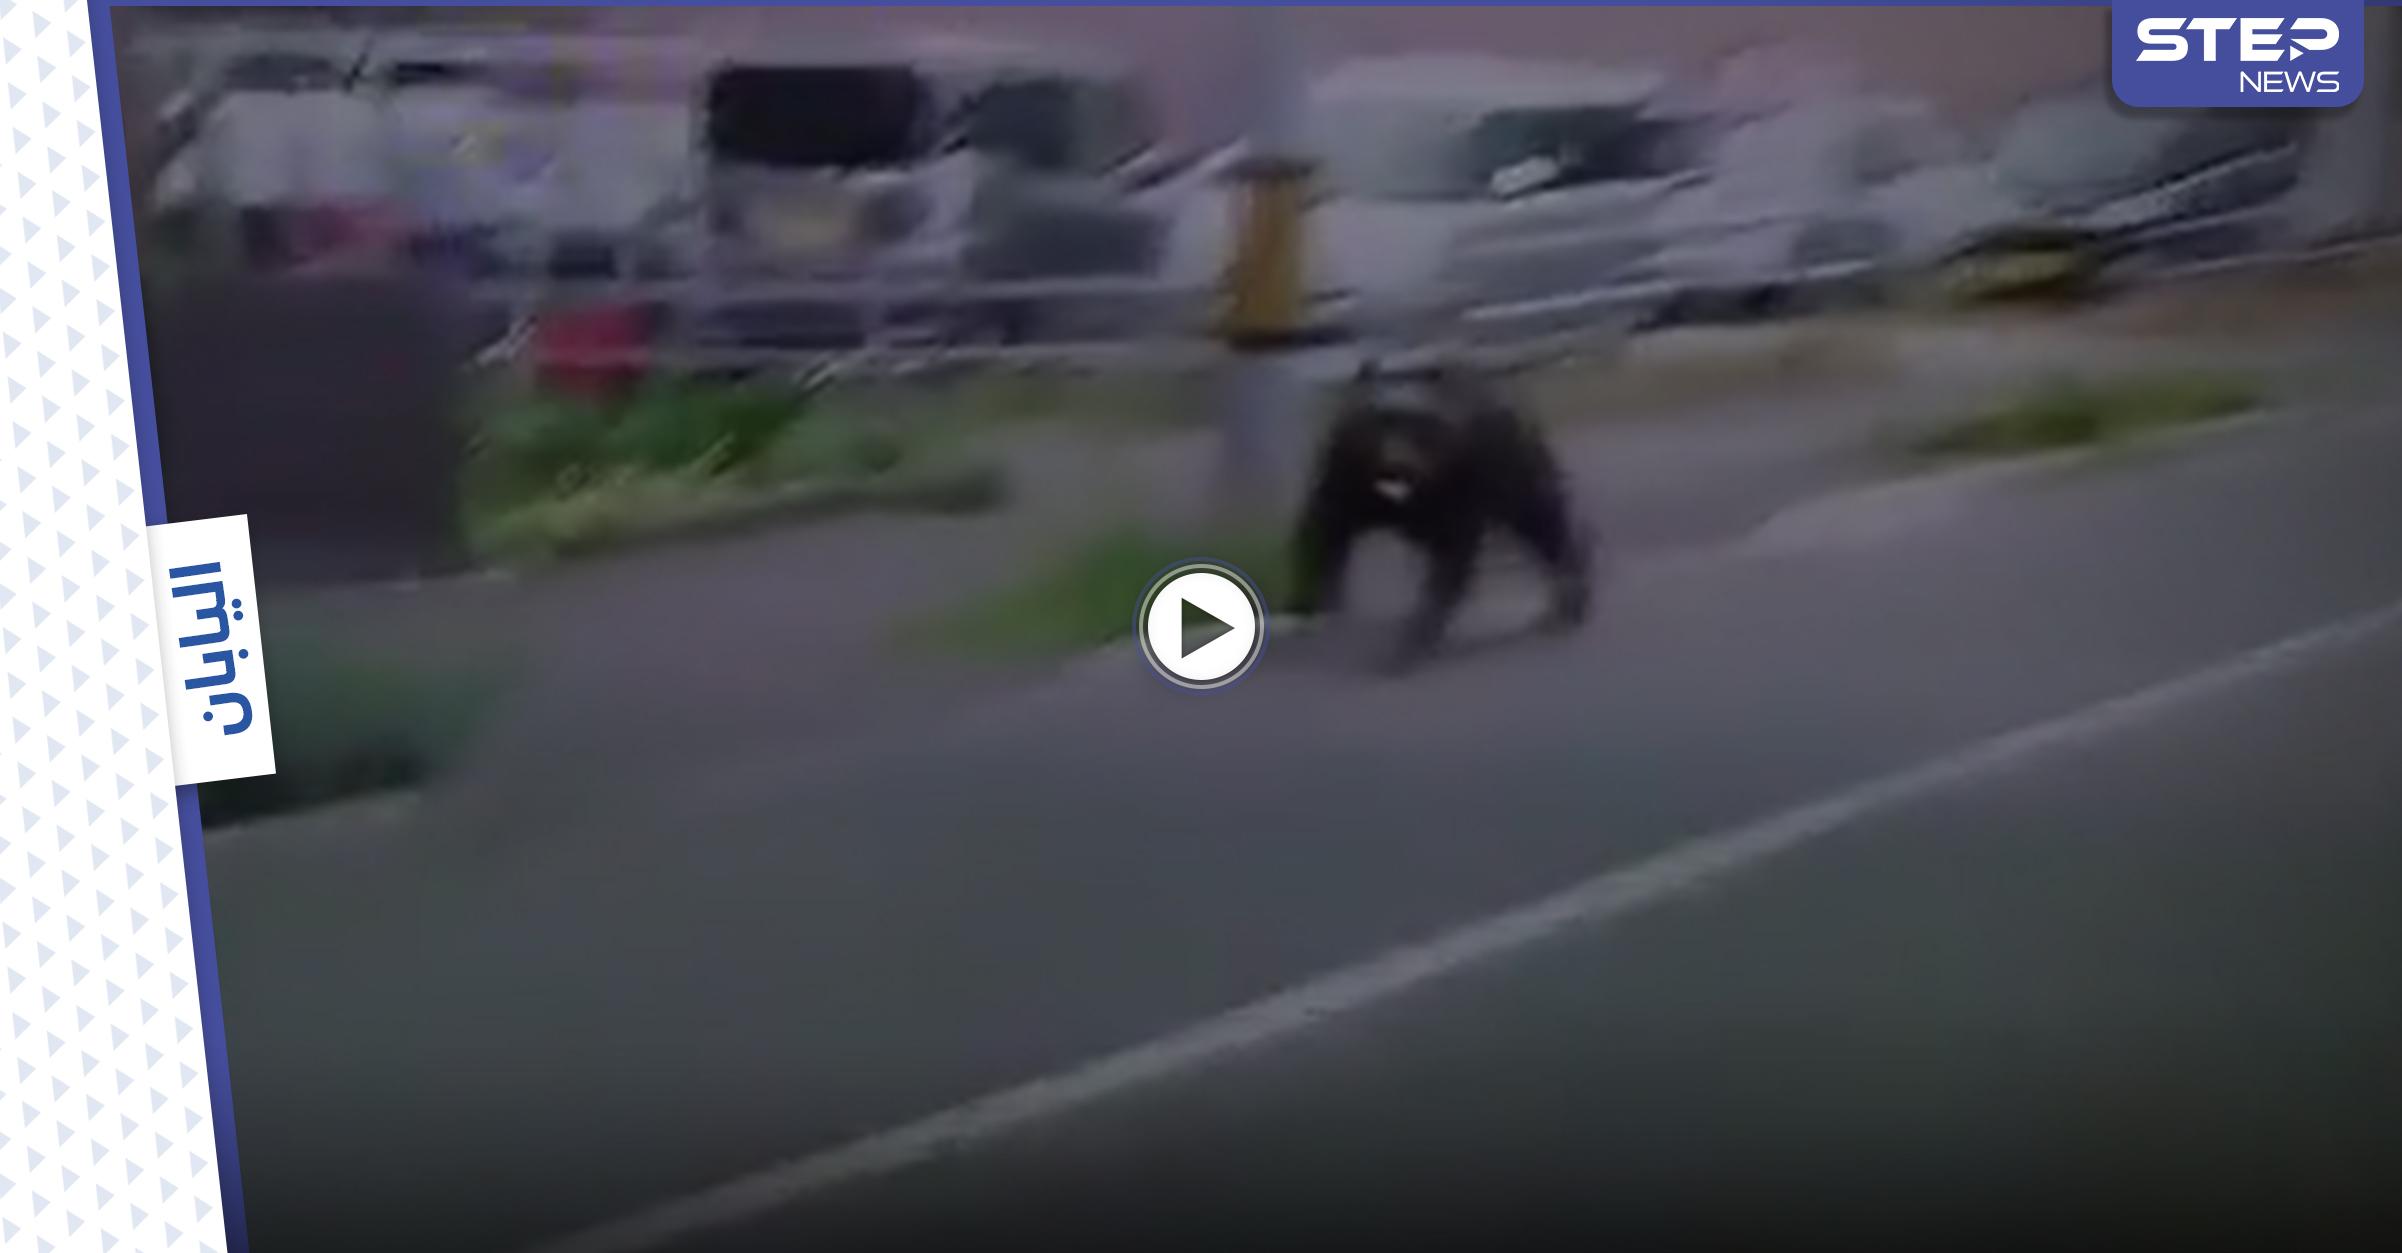 بالفيديو|| دب غاضب يقتحم معسكراً في اليابان ويصيب 4 أشخاص والسلطات تطلق النار عليه